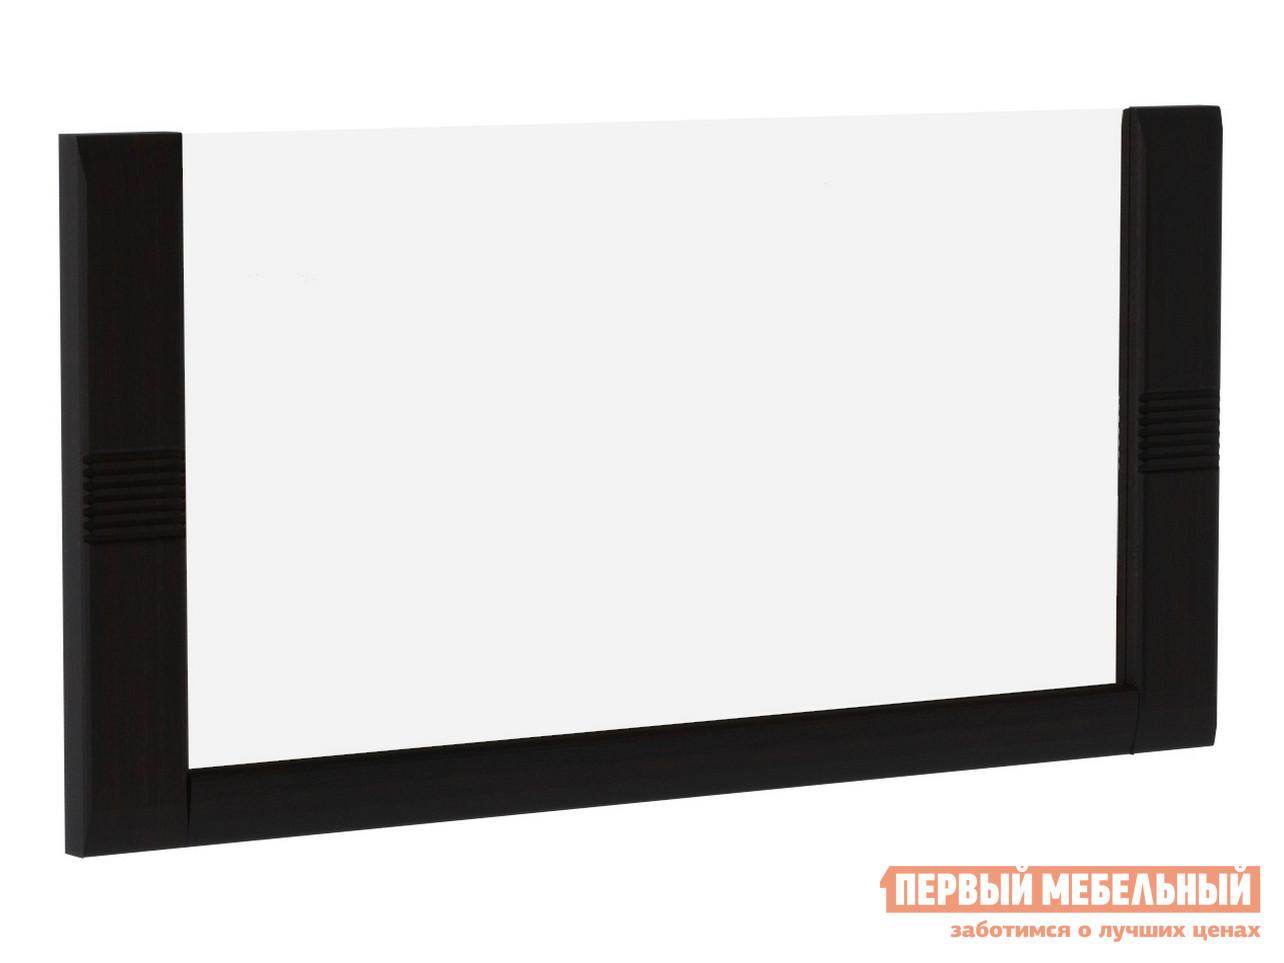 Настенное зеркало Первый Мебельный Зеркало малое Магнолия зеркало карлоса сантоса 2019 10 25t18 15